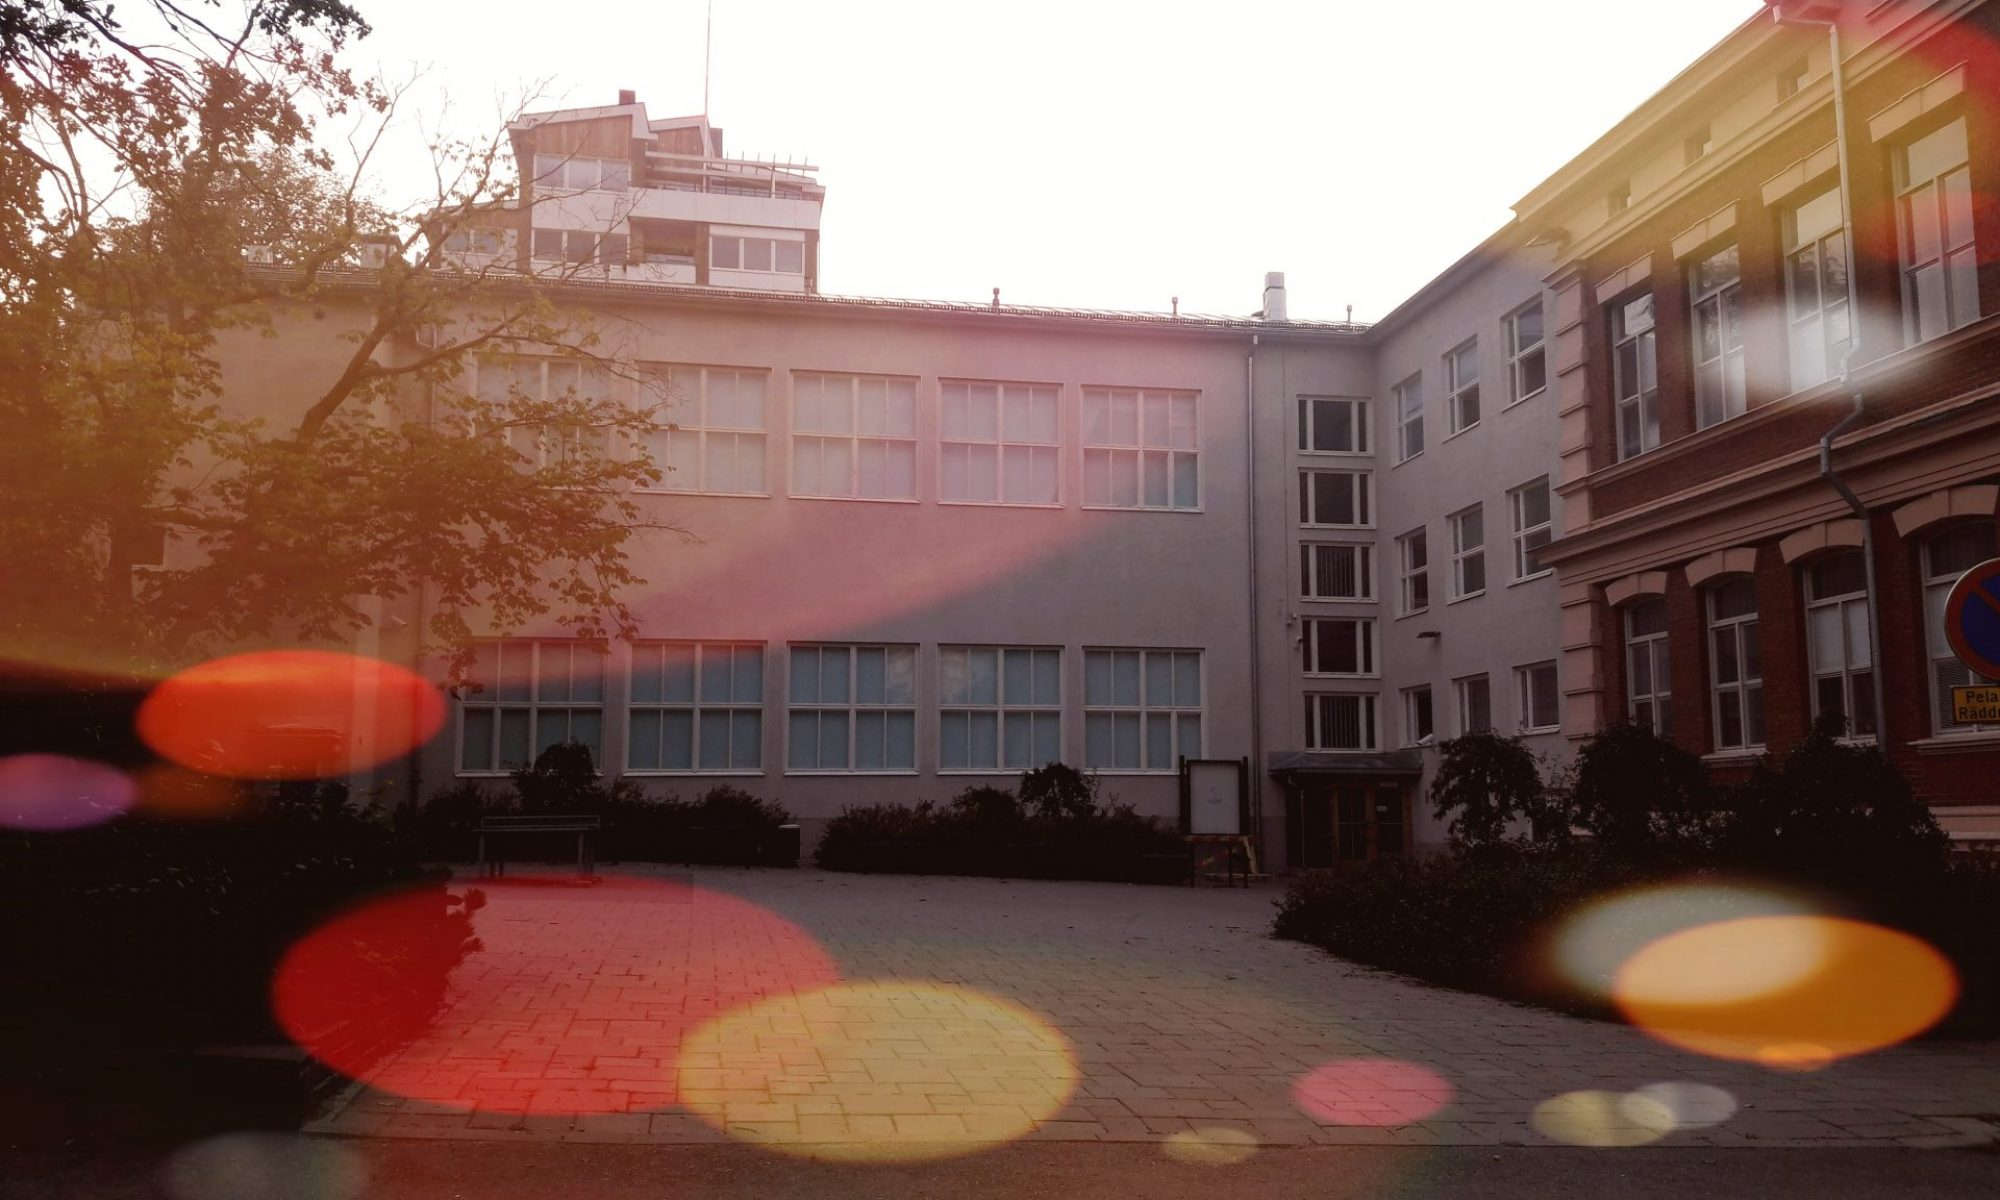 Puolalan koulun vuosikertomus 2018-2019